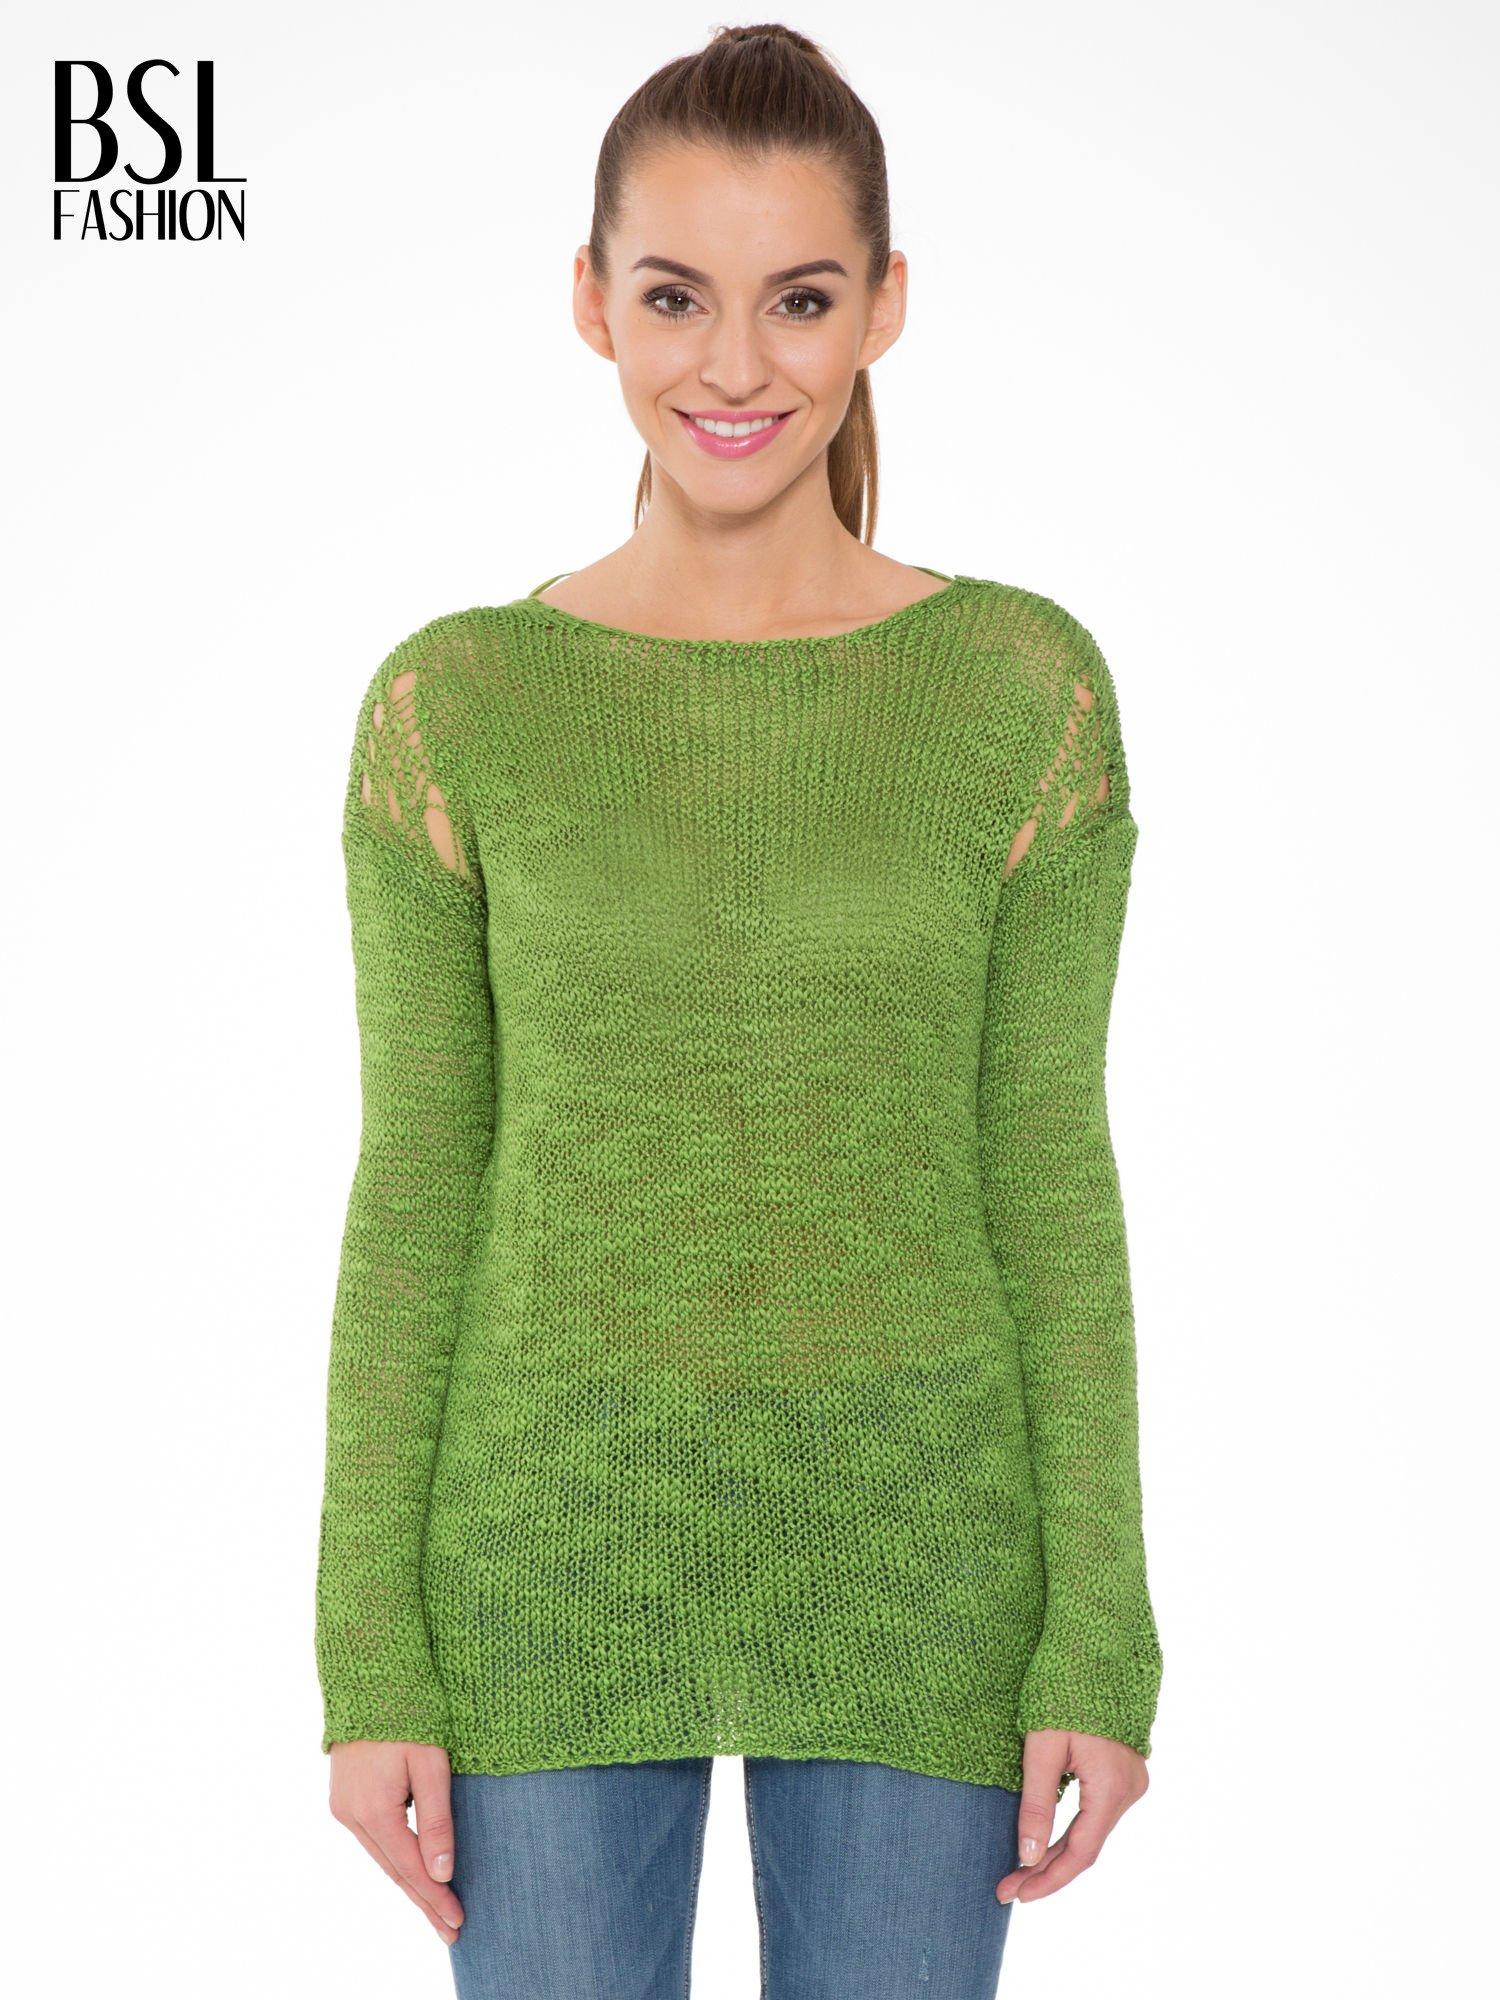 Zielony sweter z oczkami przy ramionach                                  zdj.                                  1